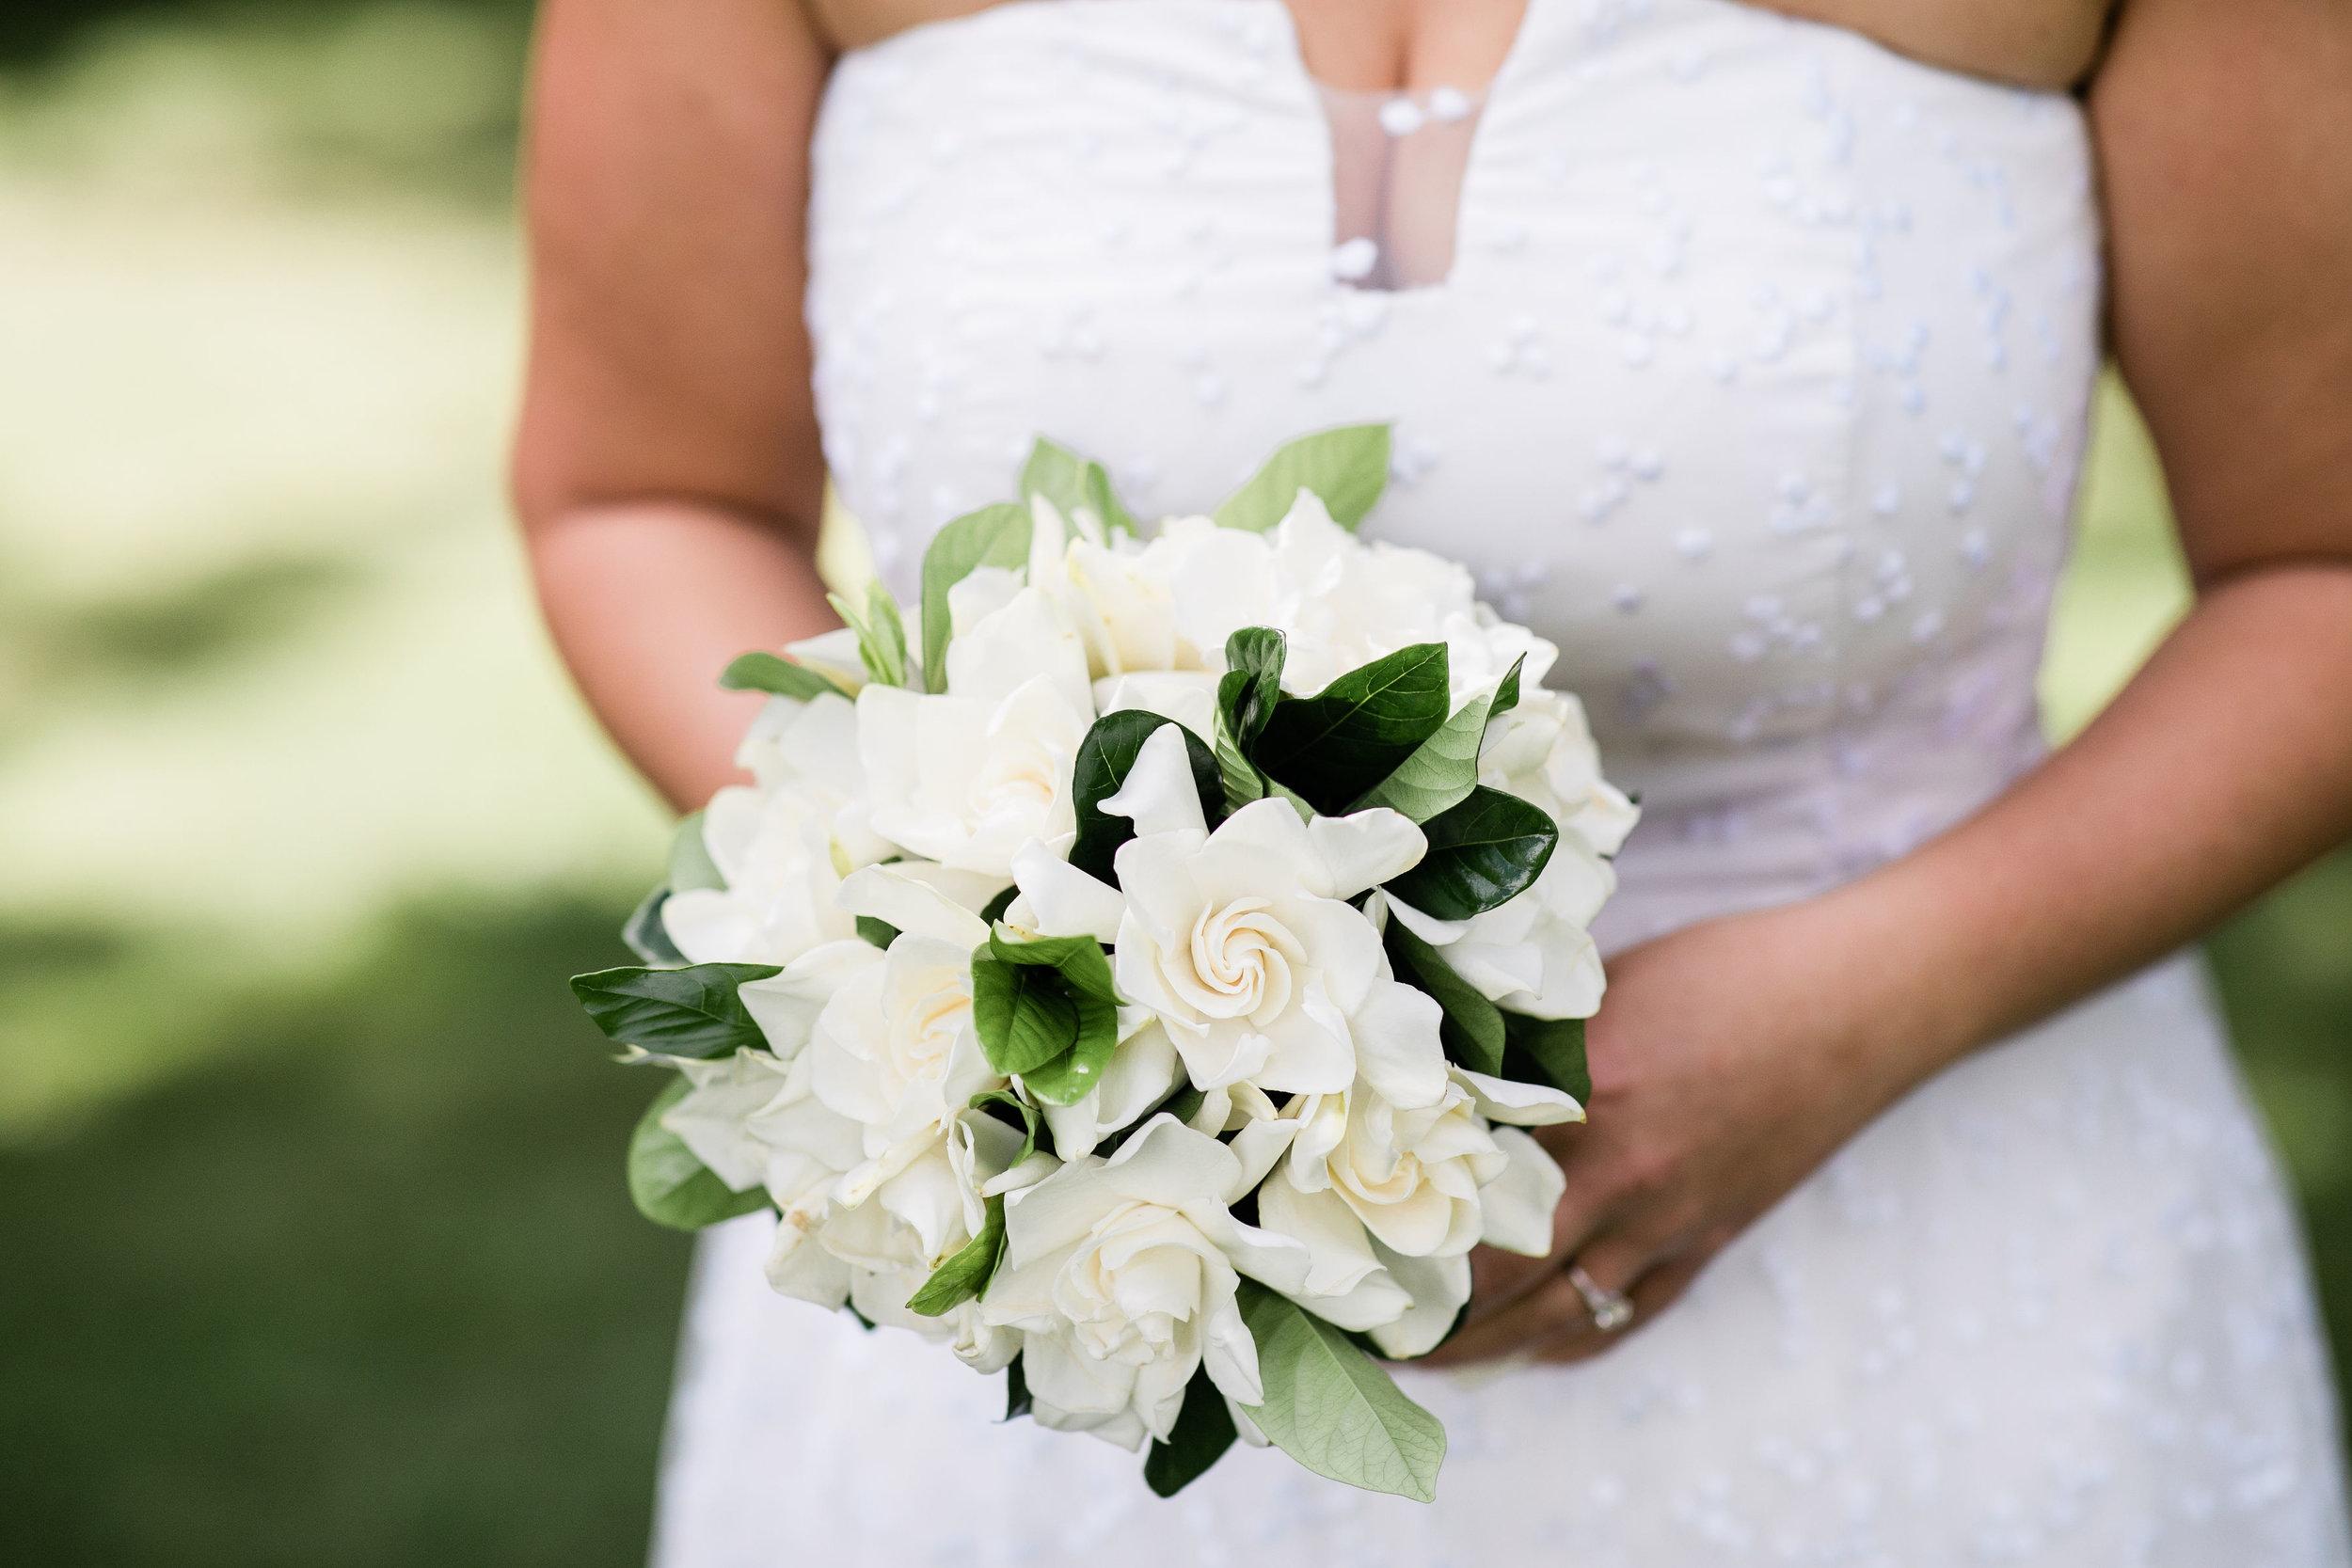 wedding-bouquet-preservation-fail-silk-flowers-recreation.jpg